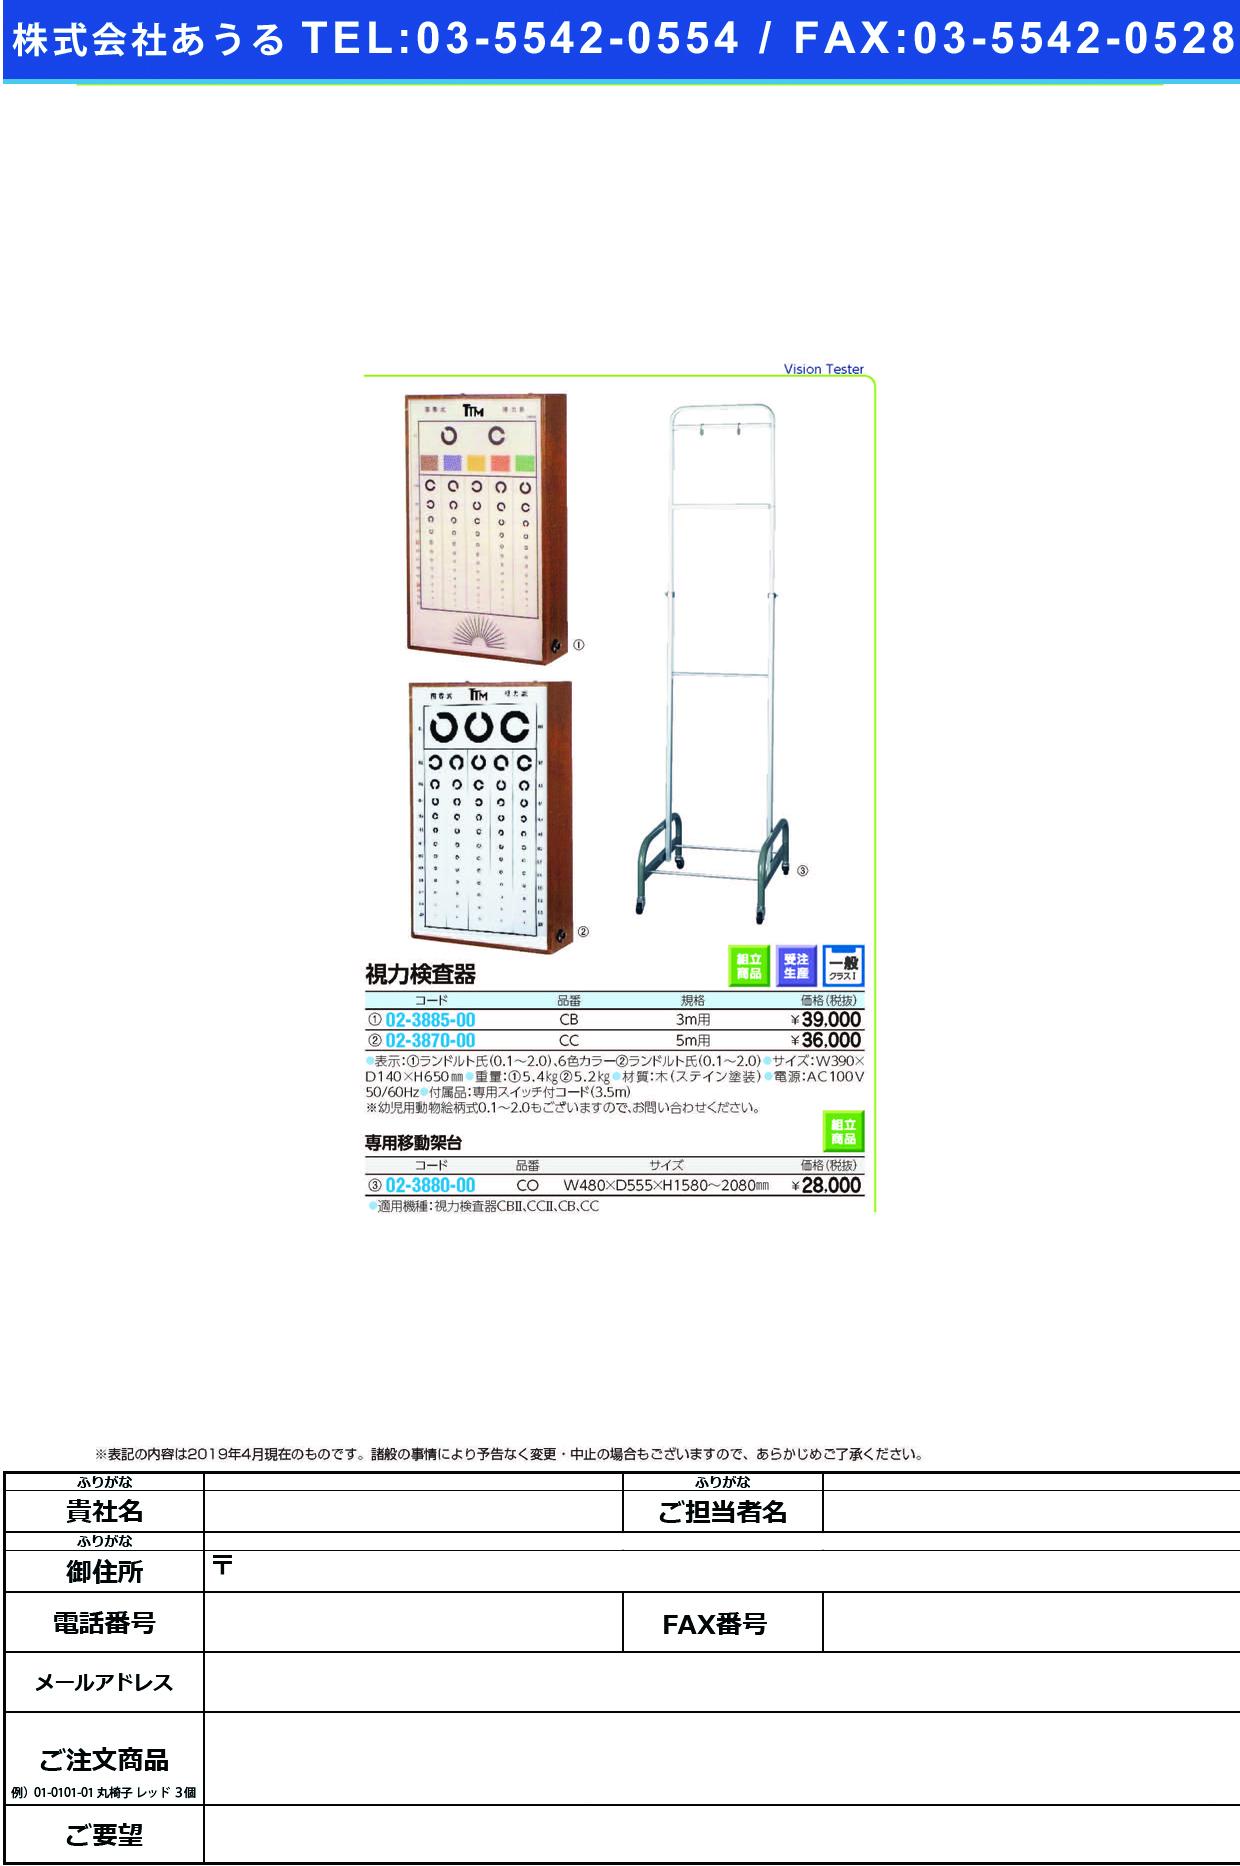 (02-3885-00)視力検査器(3m用) CB(3Mヨウ) シリョクケンサキ(3Mヨウ)【1台単位】【2019年カタログ商品】